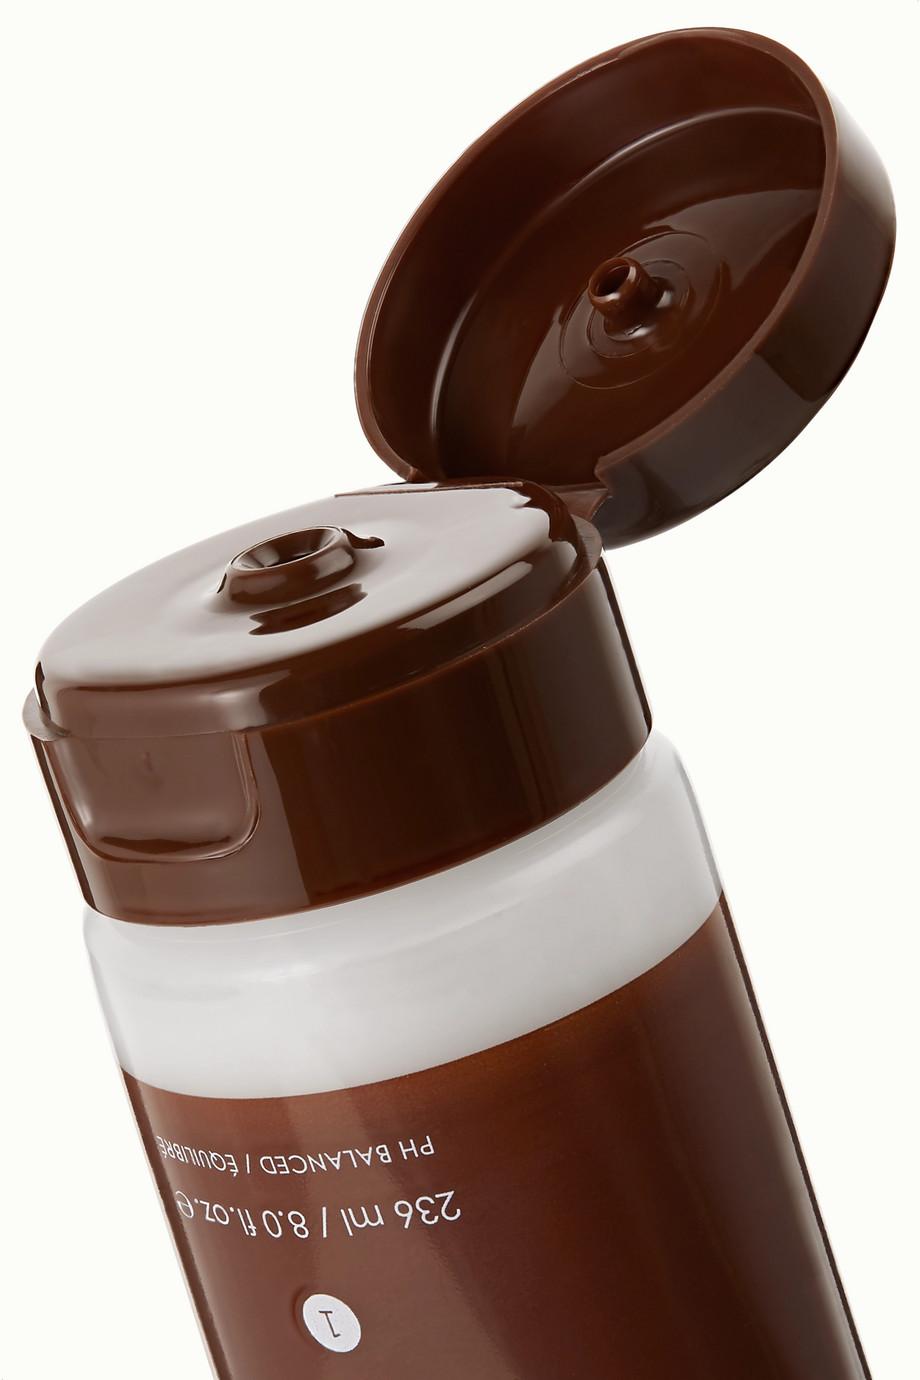 RAINCRY Smoothing Shampoo, 236ml